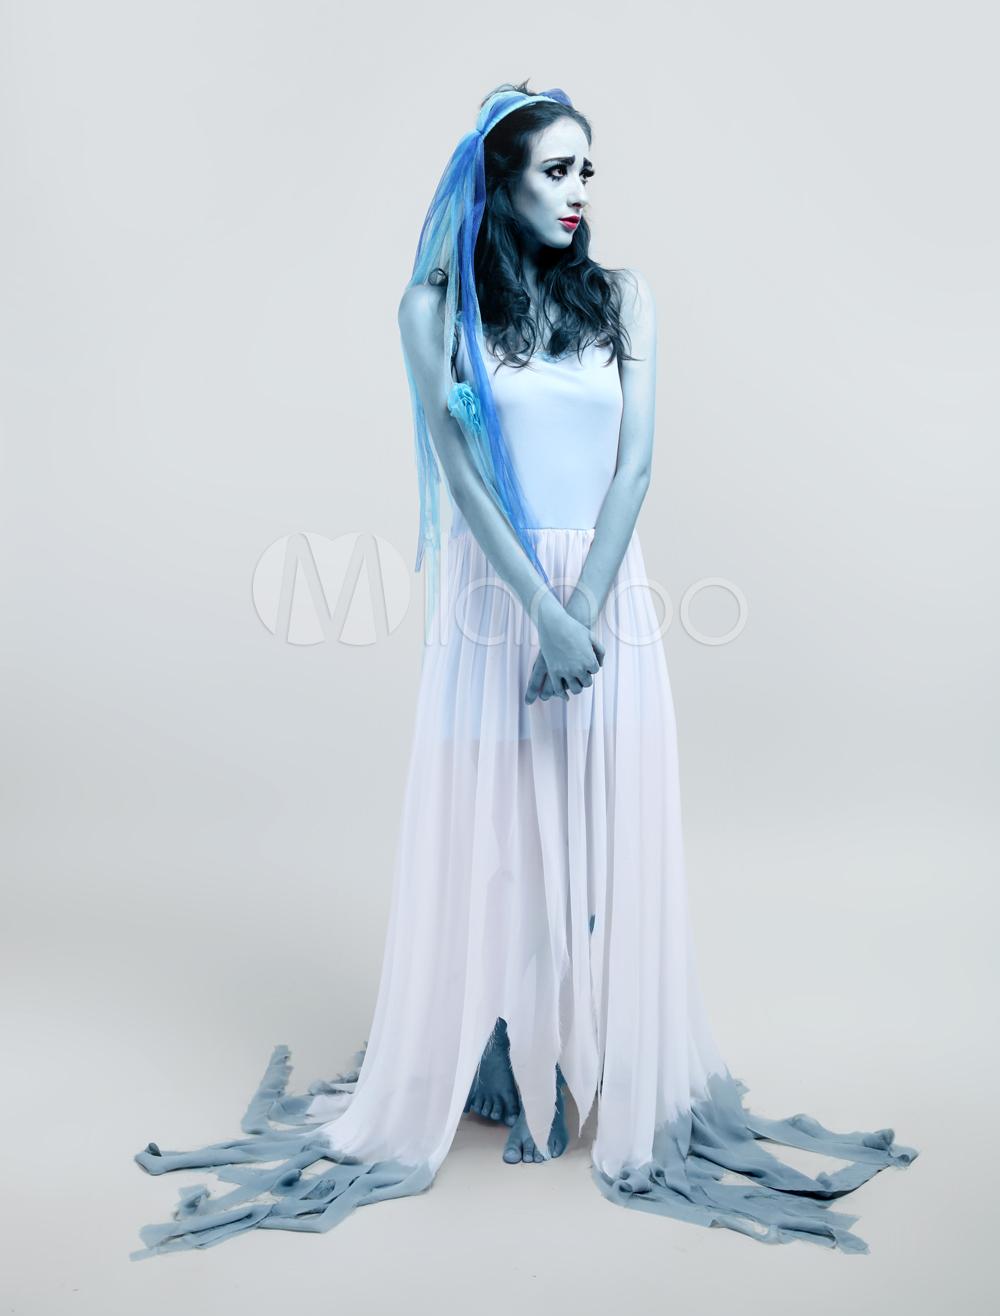 Костюм и макияж мертвая невеста своими руками